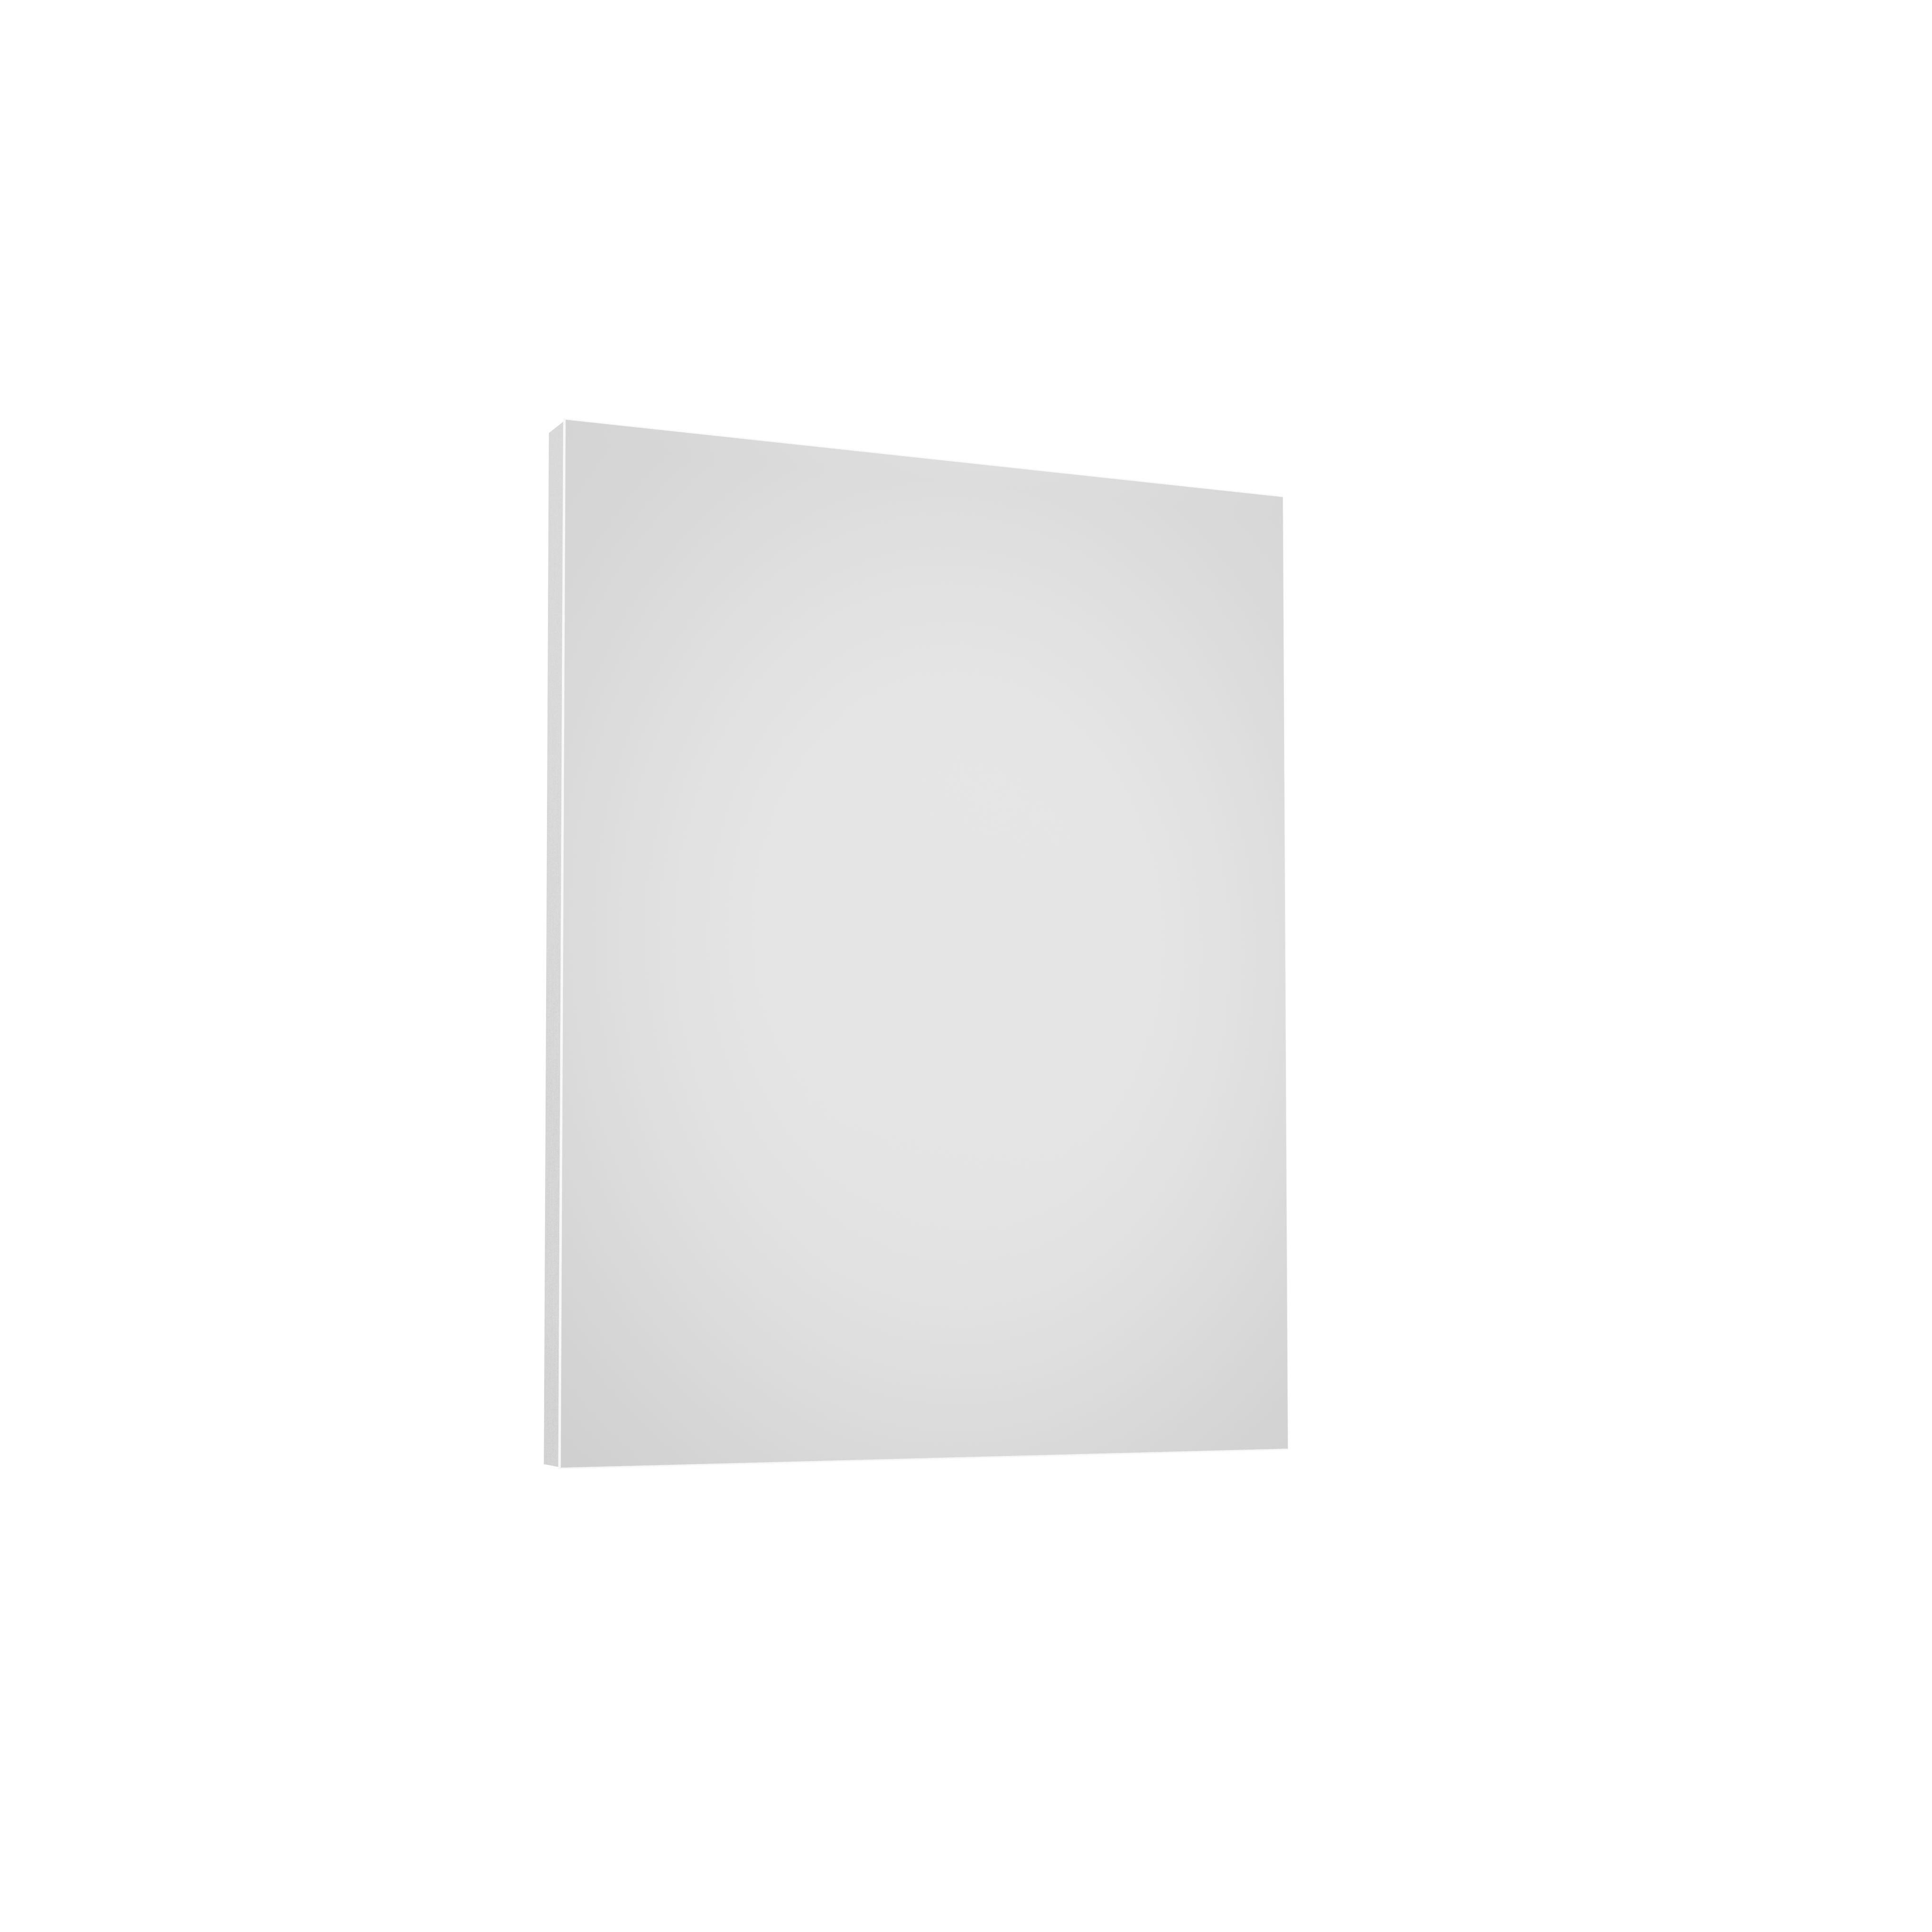 Lustro Defra Como L60/80 Aluminium Szczotkowane 60×76×4,2 76×60×4,2 cm 123-L-06035